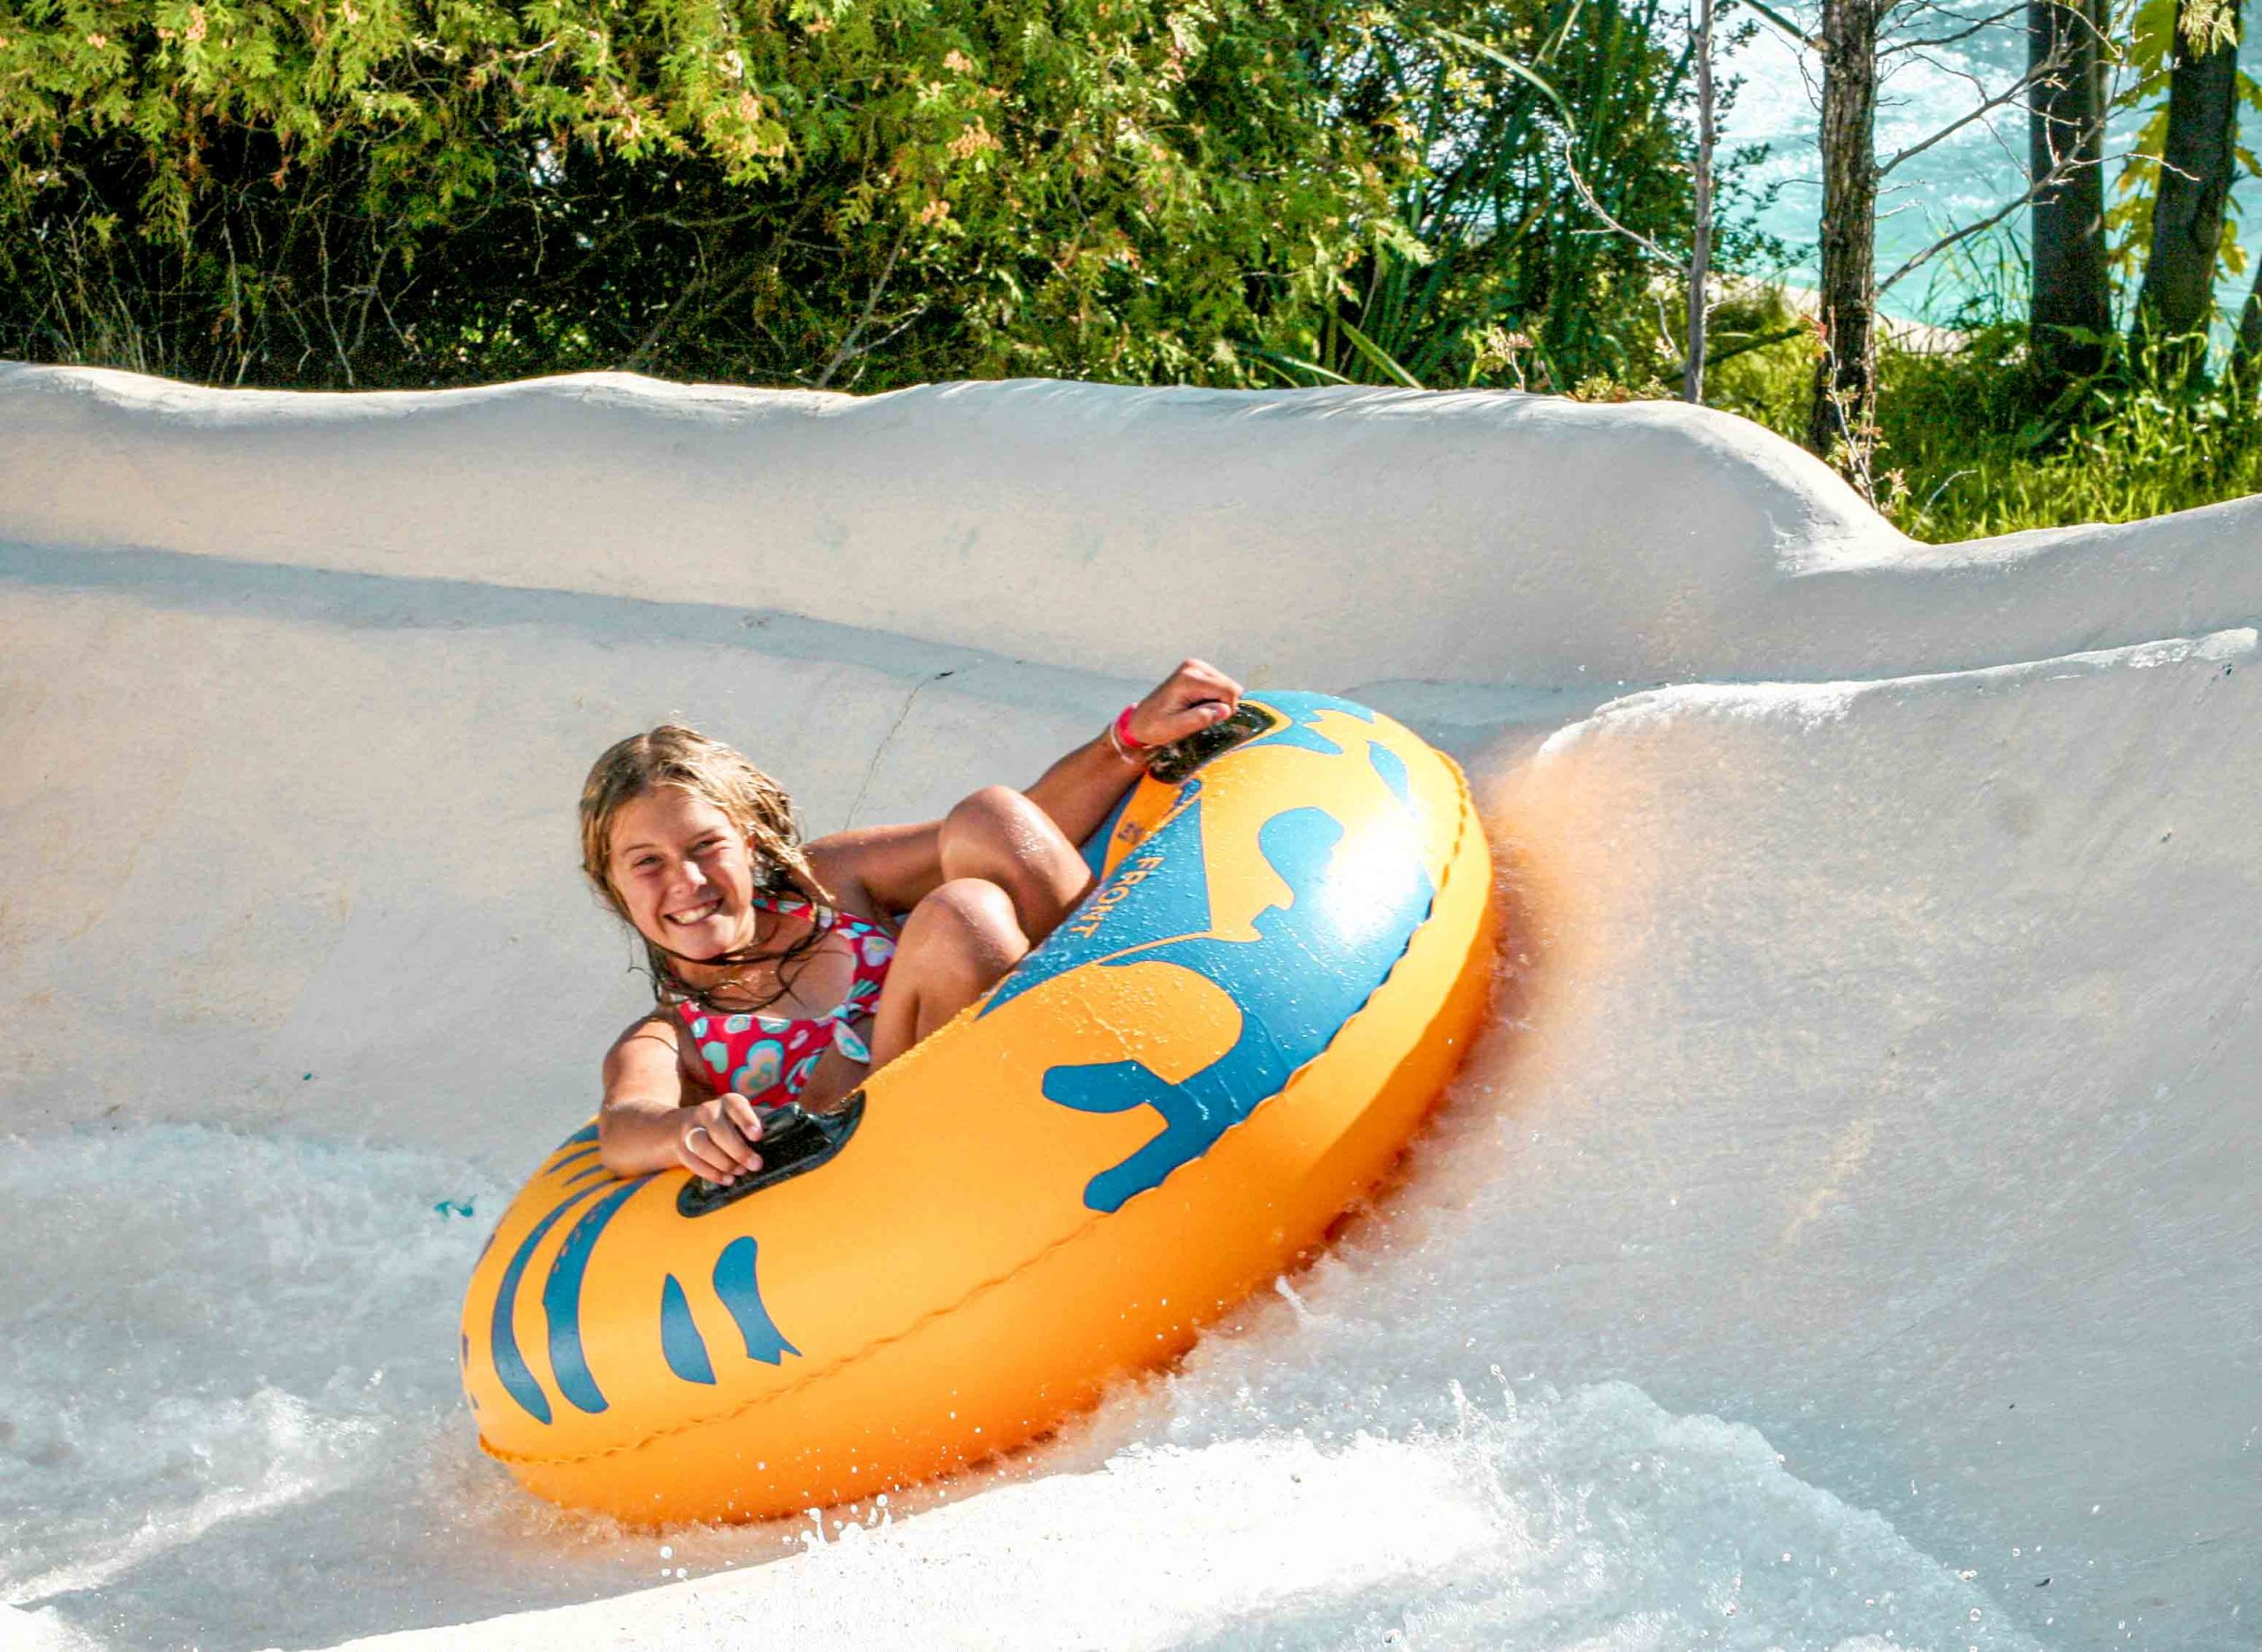 Enfant glissant dans un tube jaune dans une glissade blanche, la Nouvelle Rivière Sauvage